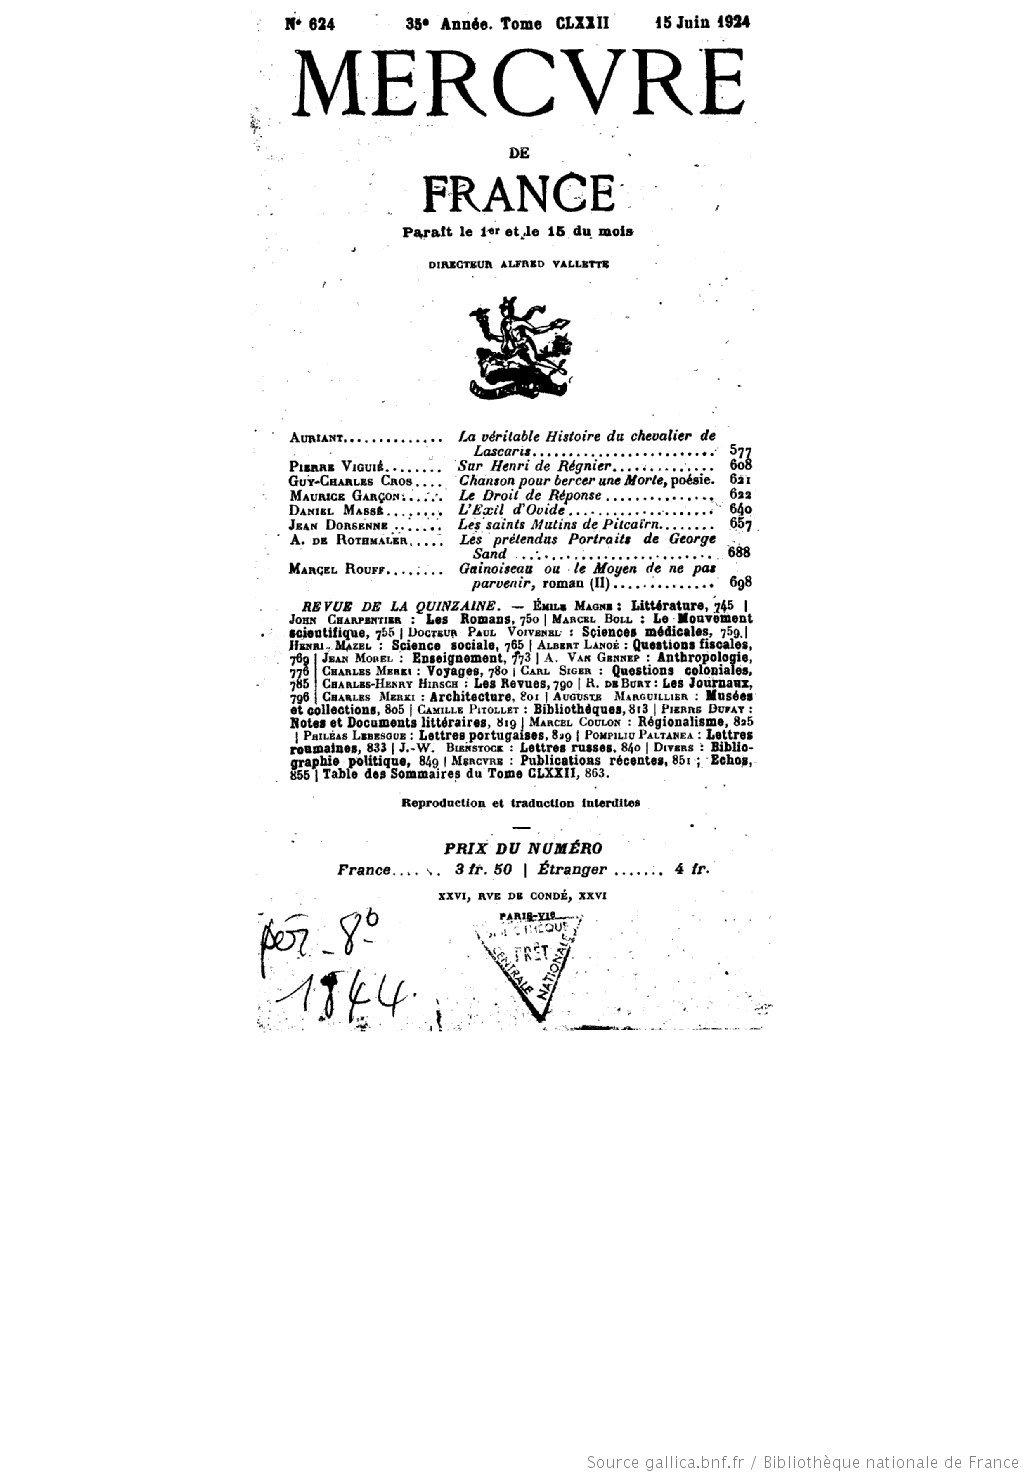 Les Saints mutins de Pitcairn – Jean Dorsenne (1924)